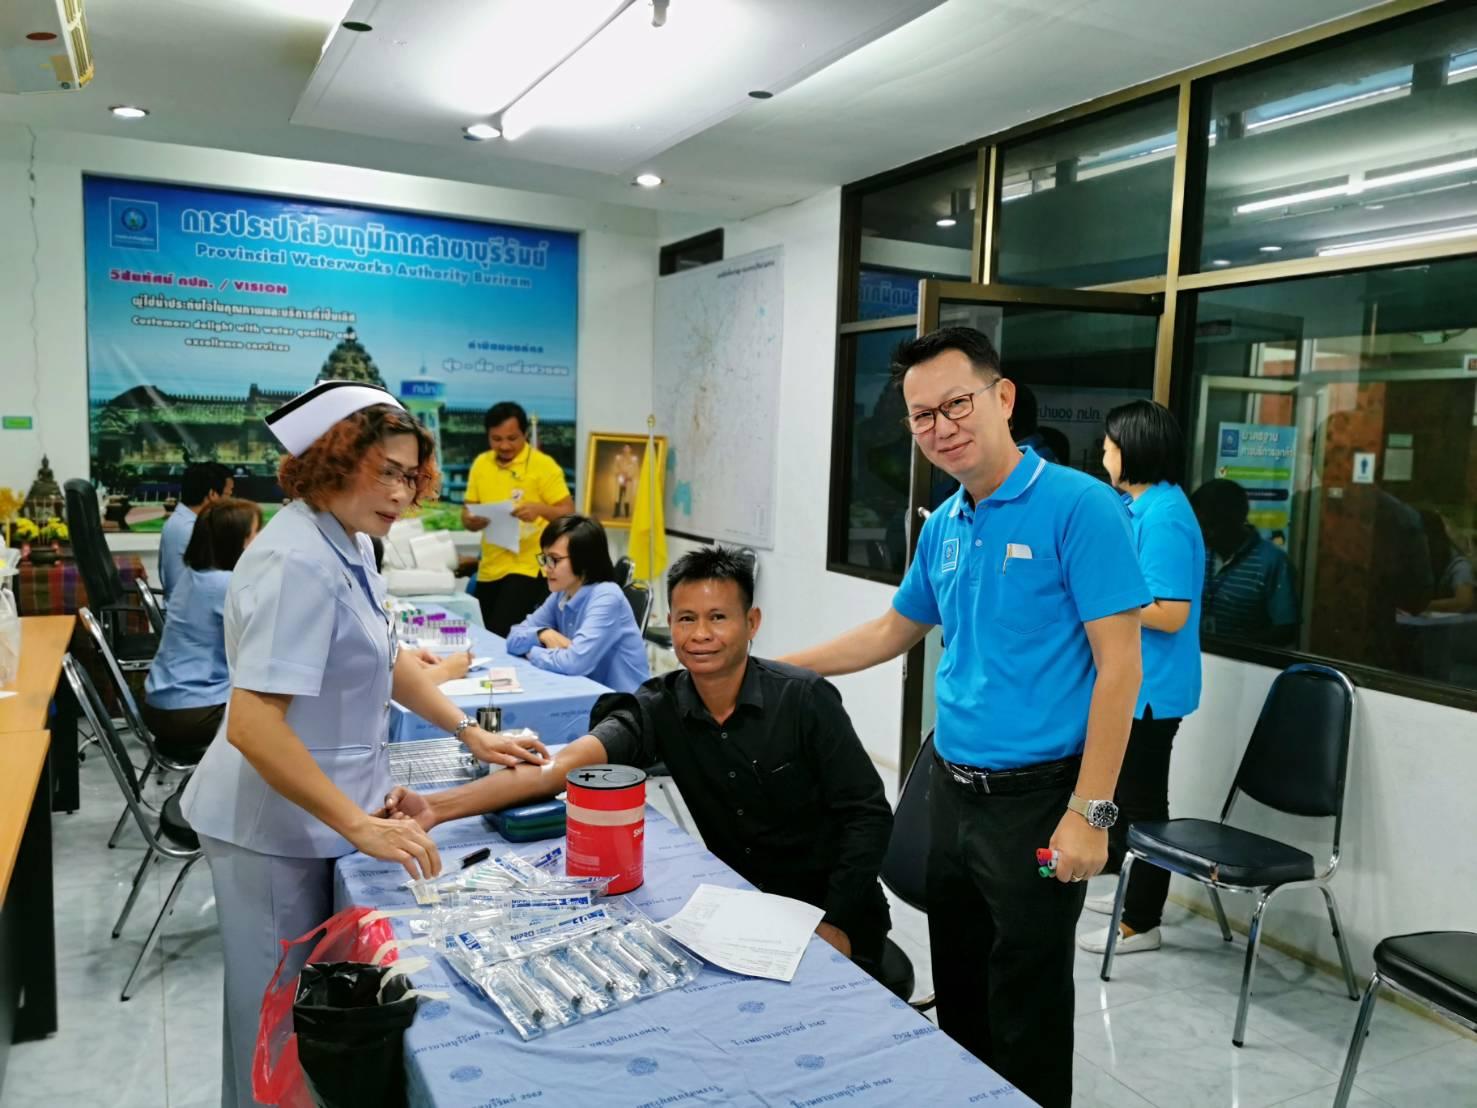 กปภ.สาขาบุรีรัมย์จัดกิจกรรมตรวจสุขภาพประจำปี 2562